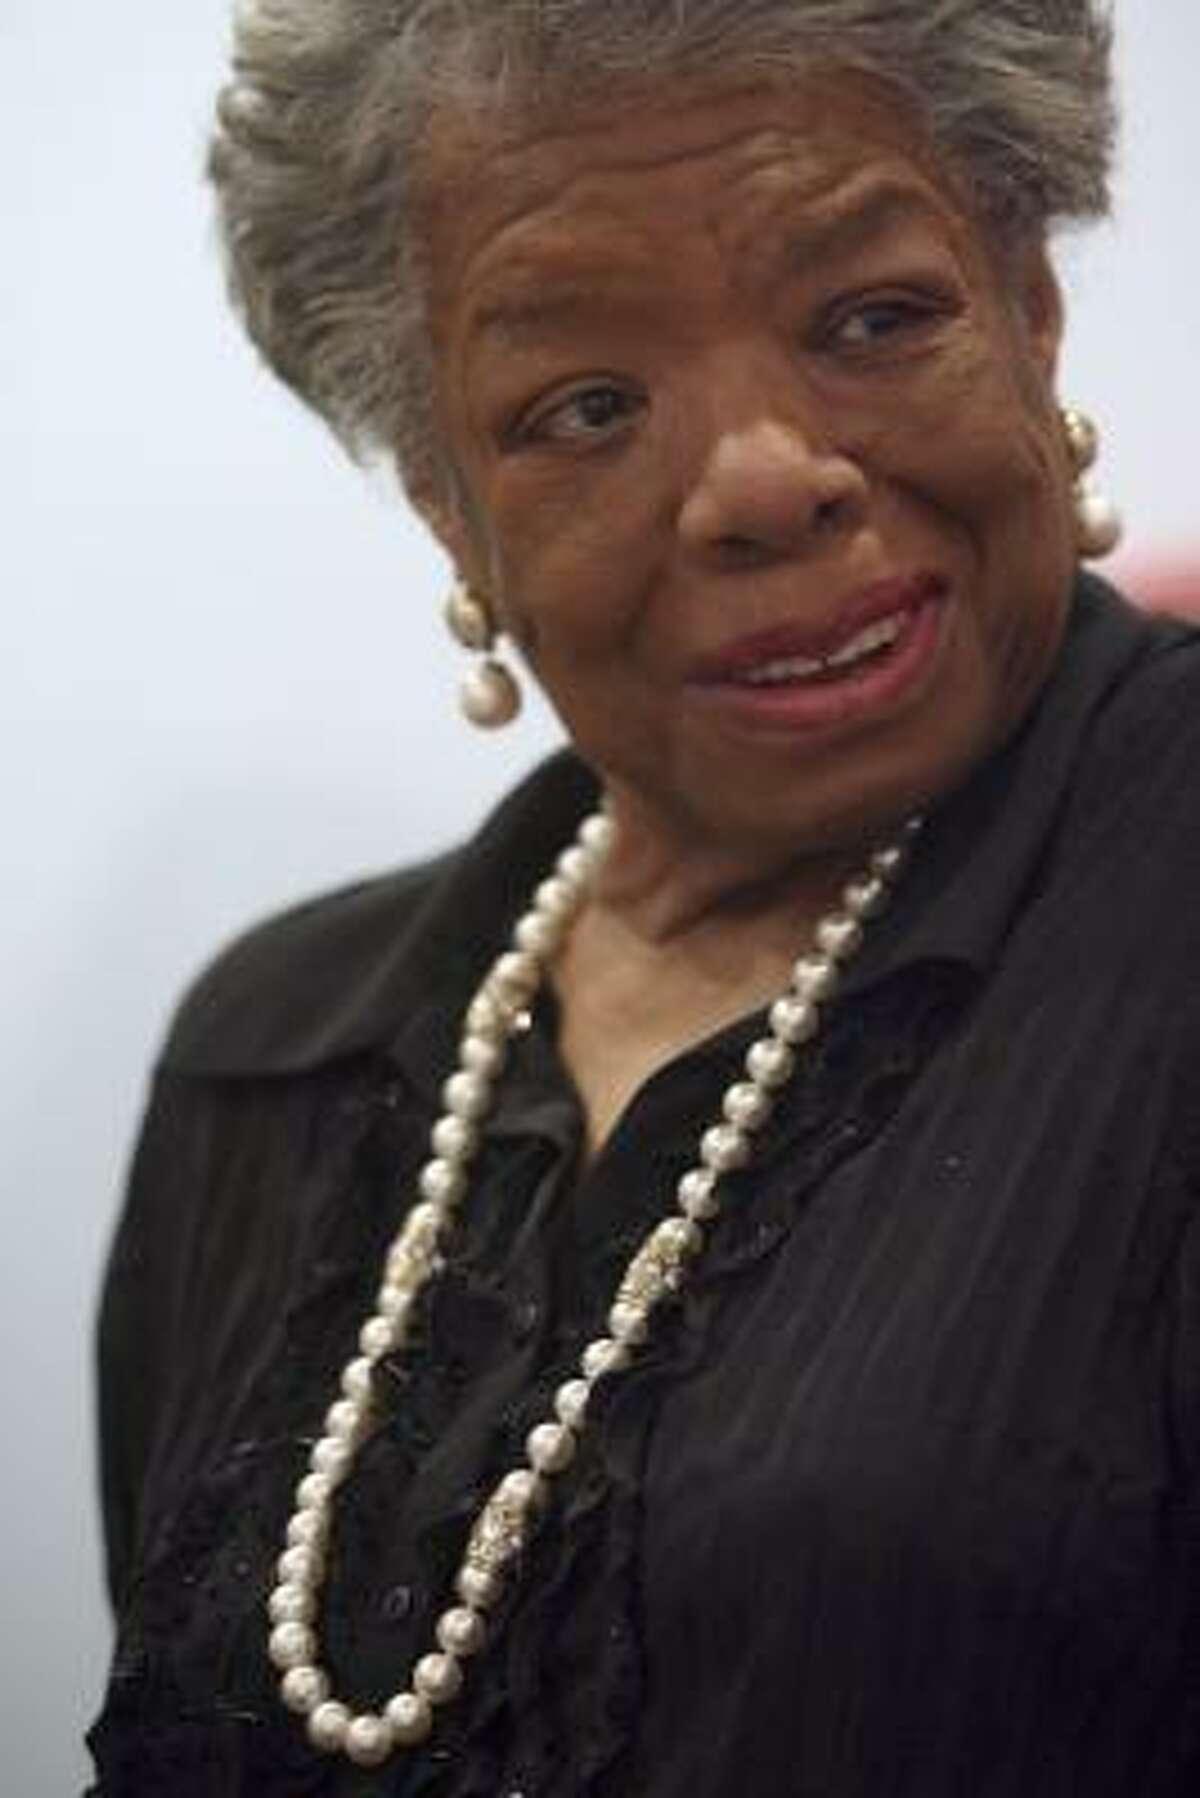 Poet and author Maya Angelou: